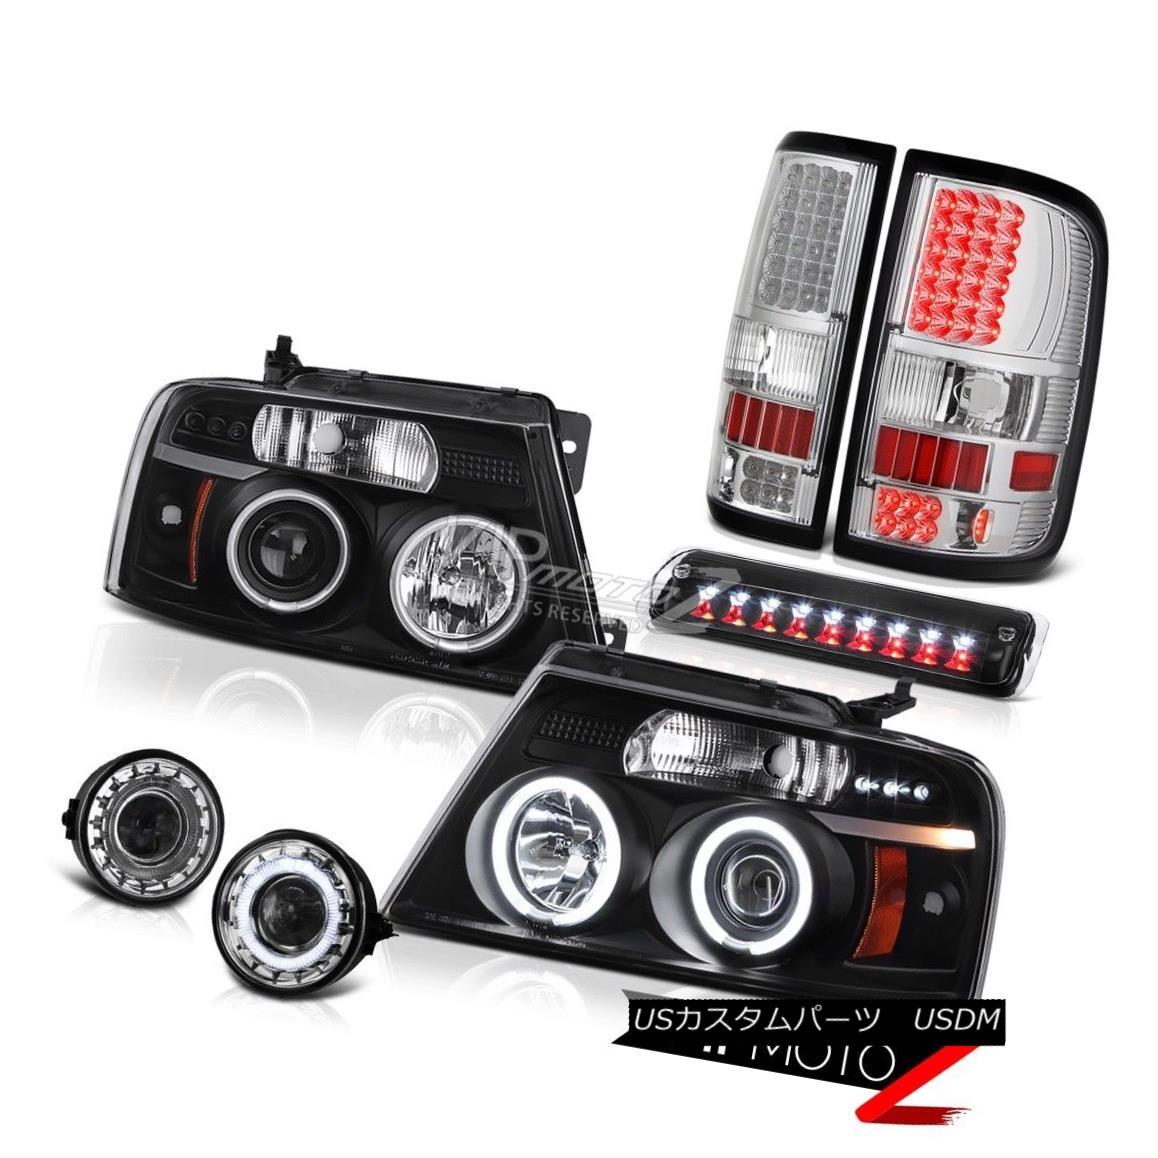 ヘッドライト 06 07 08 Ford F150 FX4 Foglamps Roof Brake Lamp Taillights Headlights LED Cool 06 07 08フォードF150 FX4フォグランプルーフブレーキランプテールライトヘッドライトLEDクール